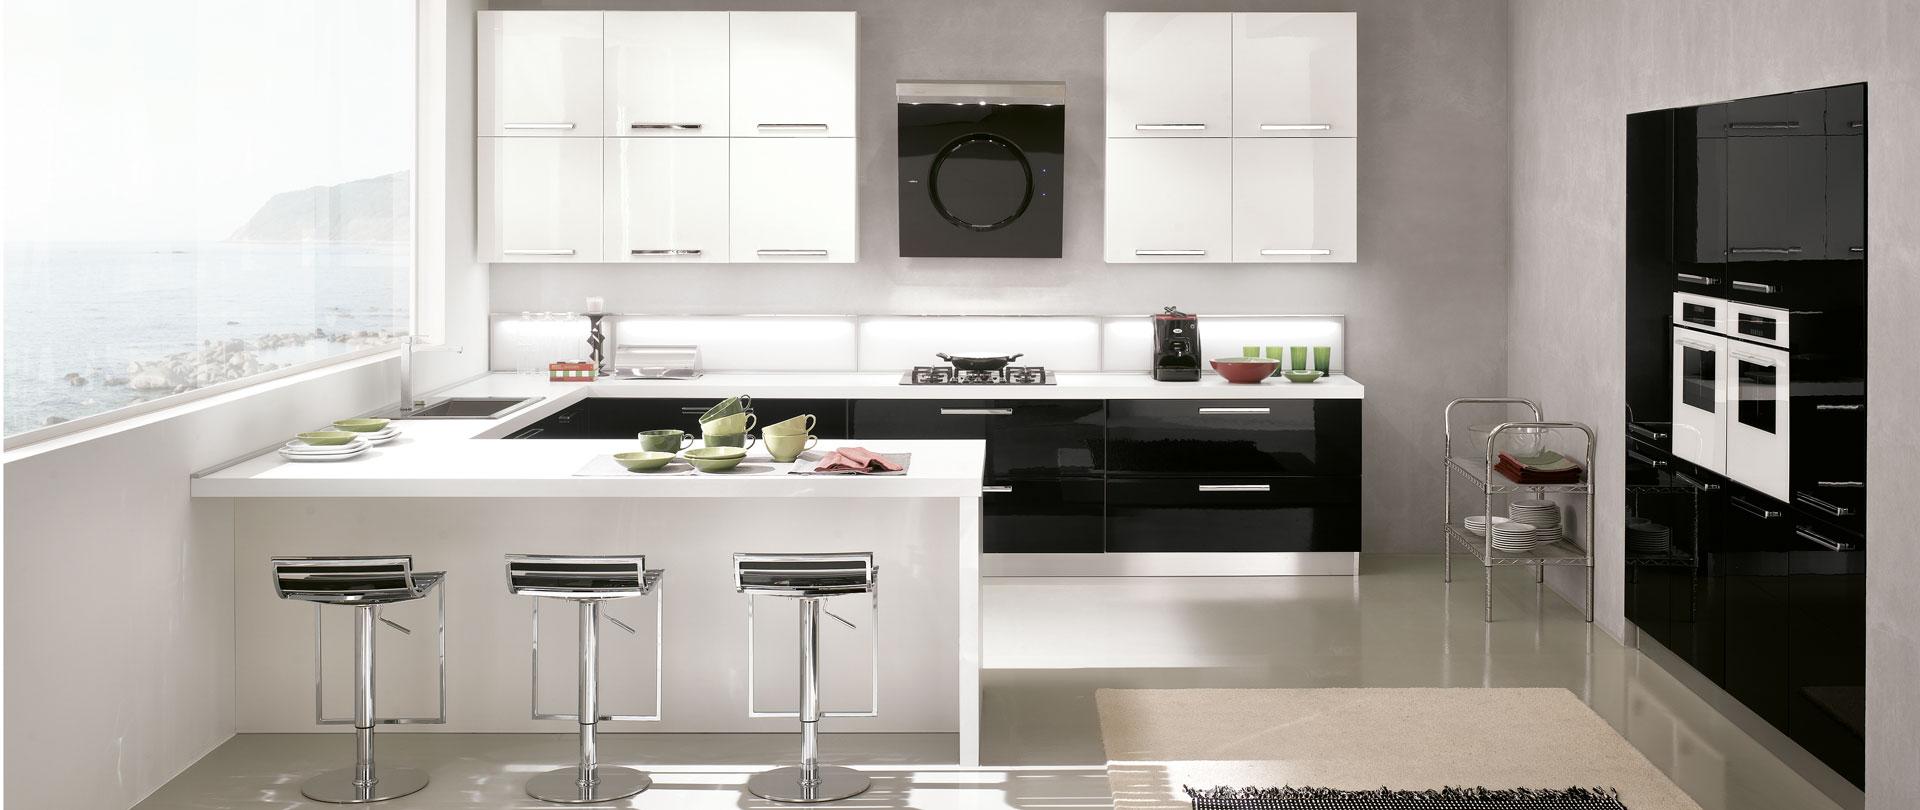 Gaia Cucine Moderne Mobili Franco Perri